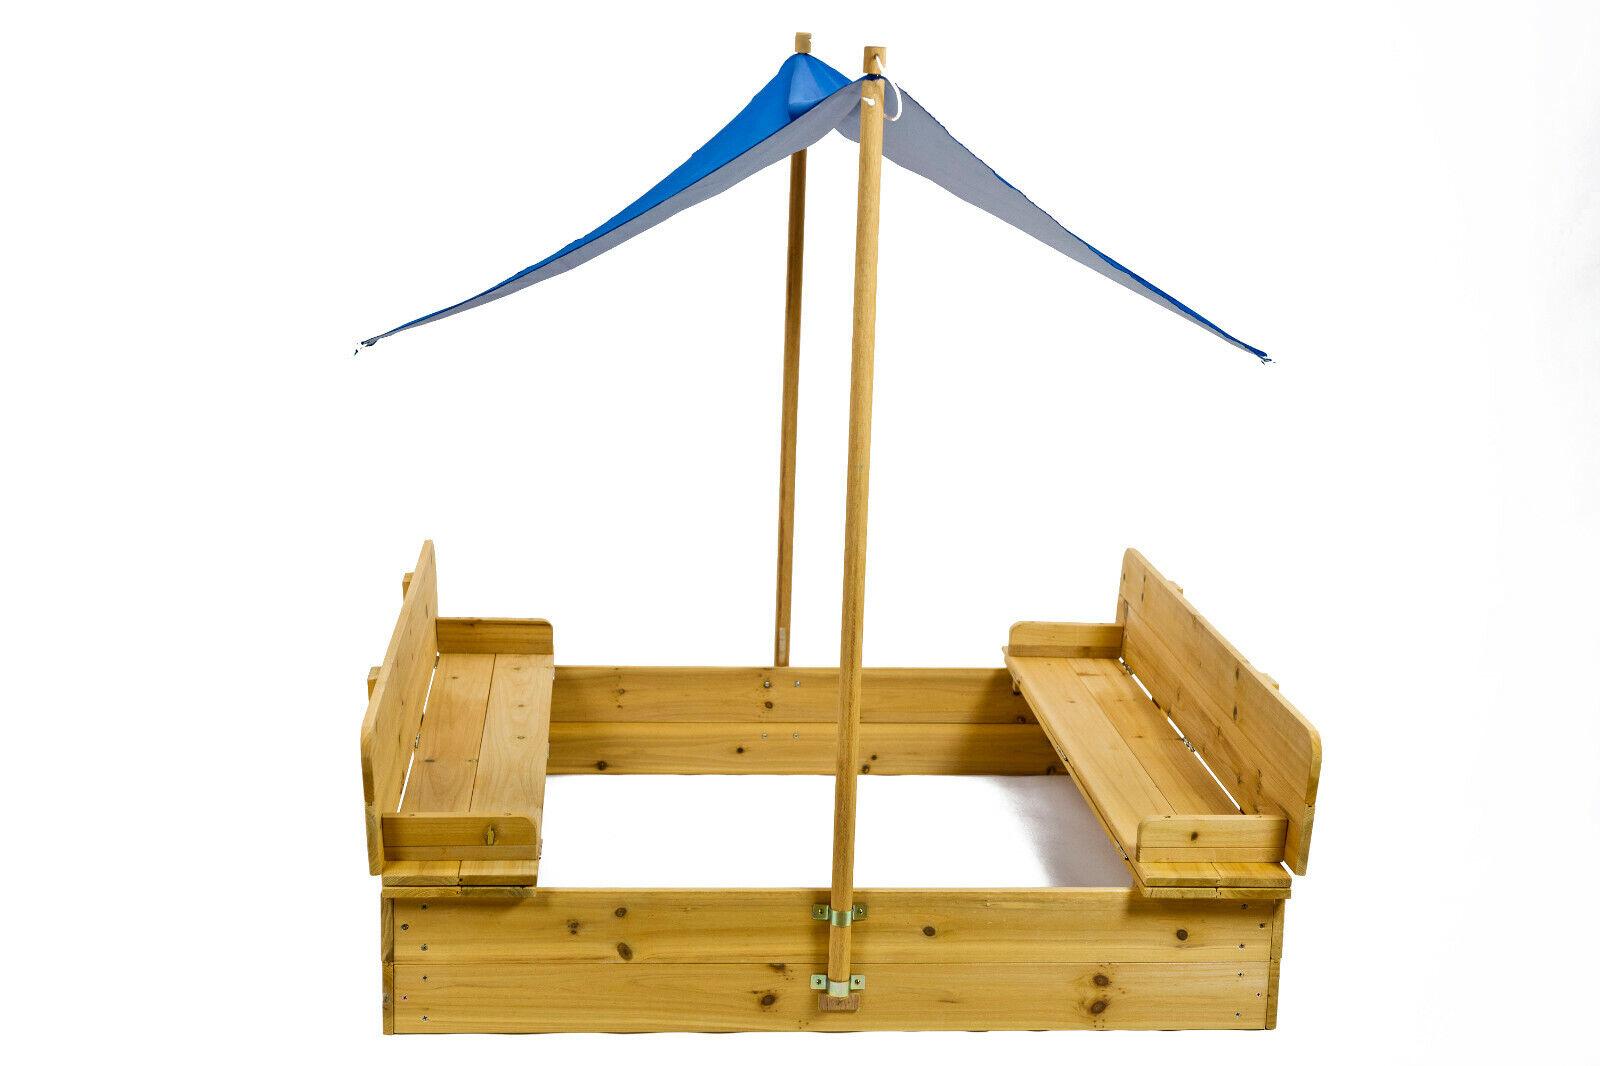 VABIONO Sandkasten mit Deckel Sitzbank Sonnensegel Dach Spielhaus Sandbox